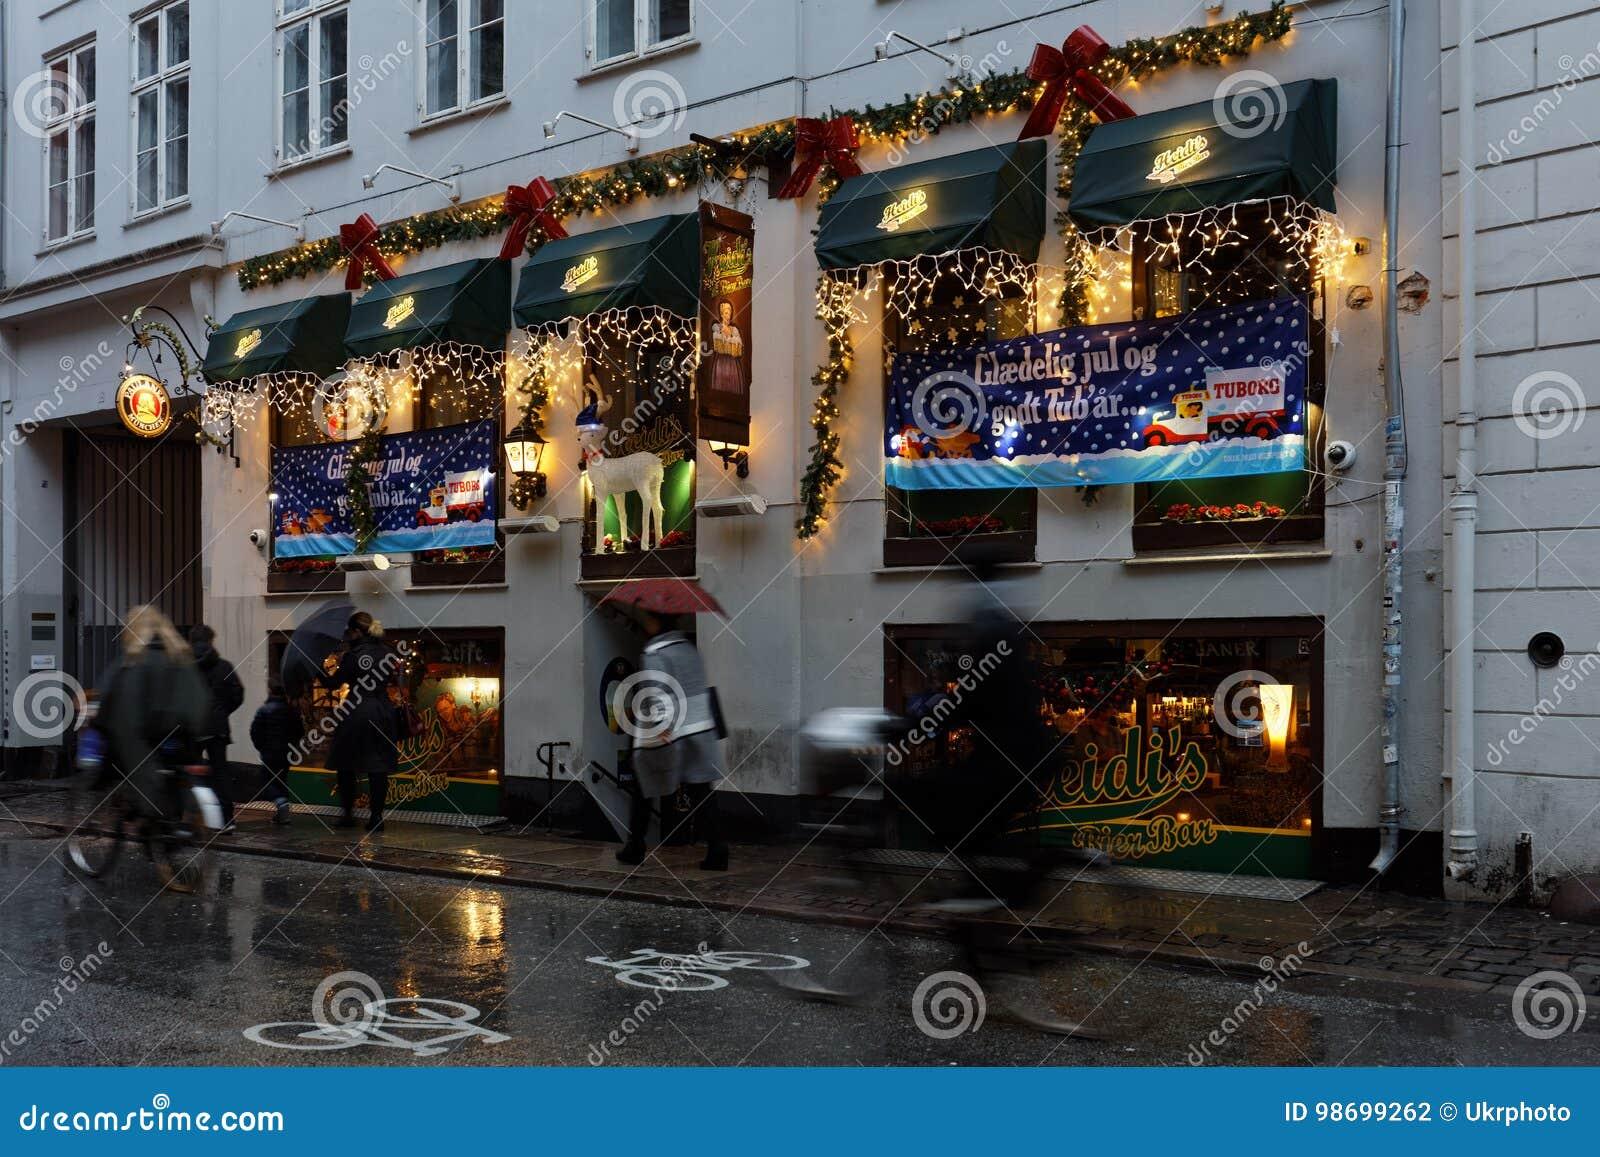 Heidis Beer Bar